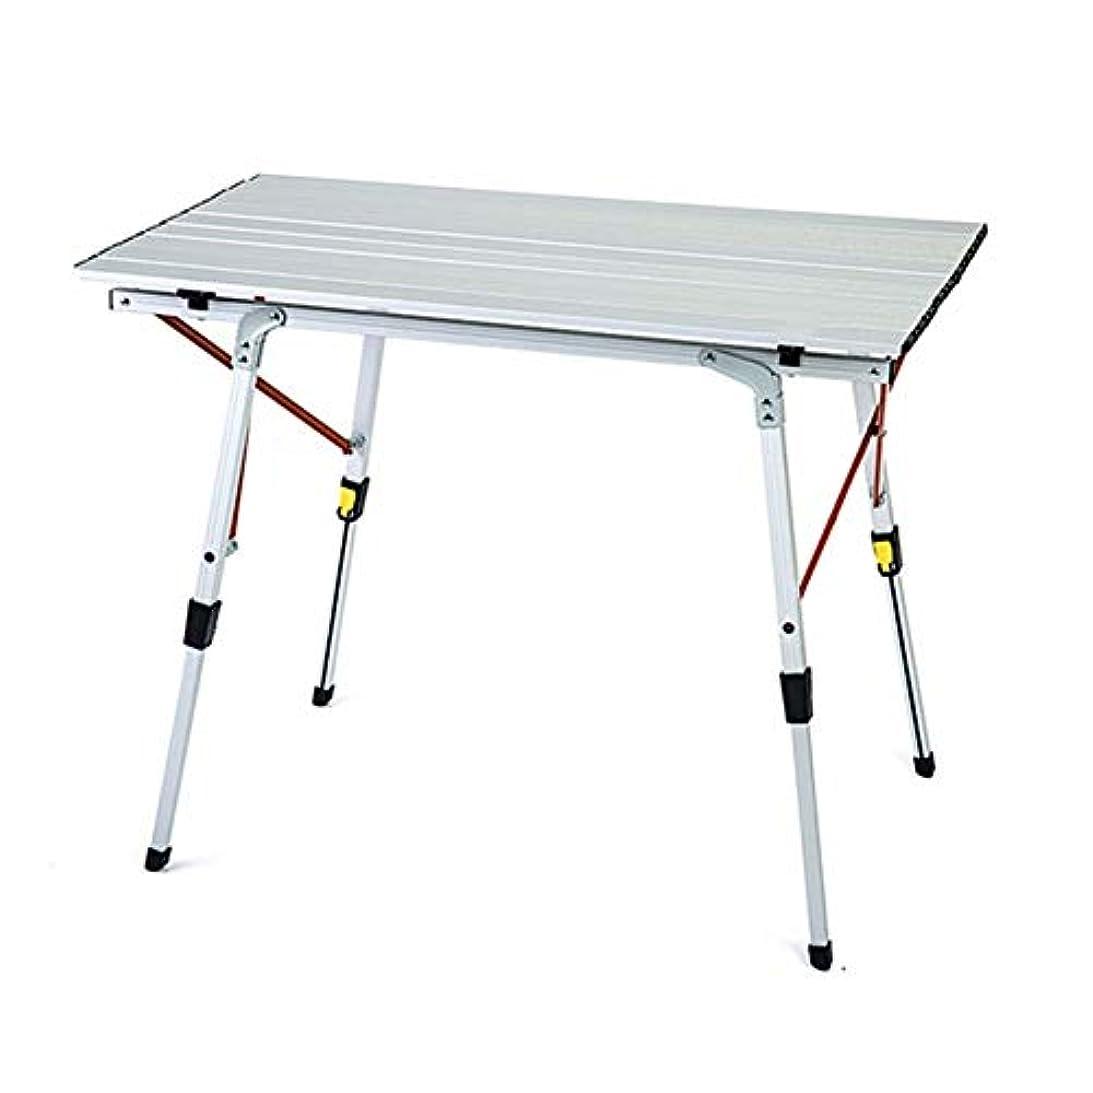 完全に乾くメトロポリタン見分けるNJLC折りたたみサイドテーブル、屋外アルミ折りたたみテーブルポータブルピクニックテーブル